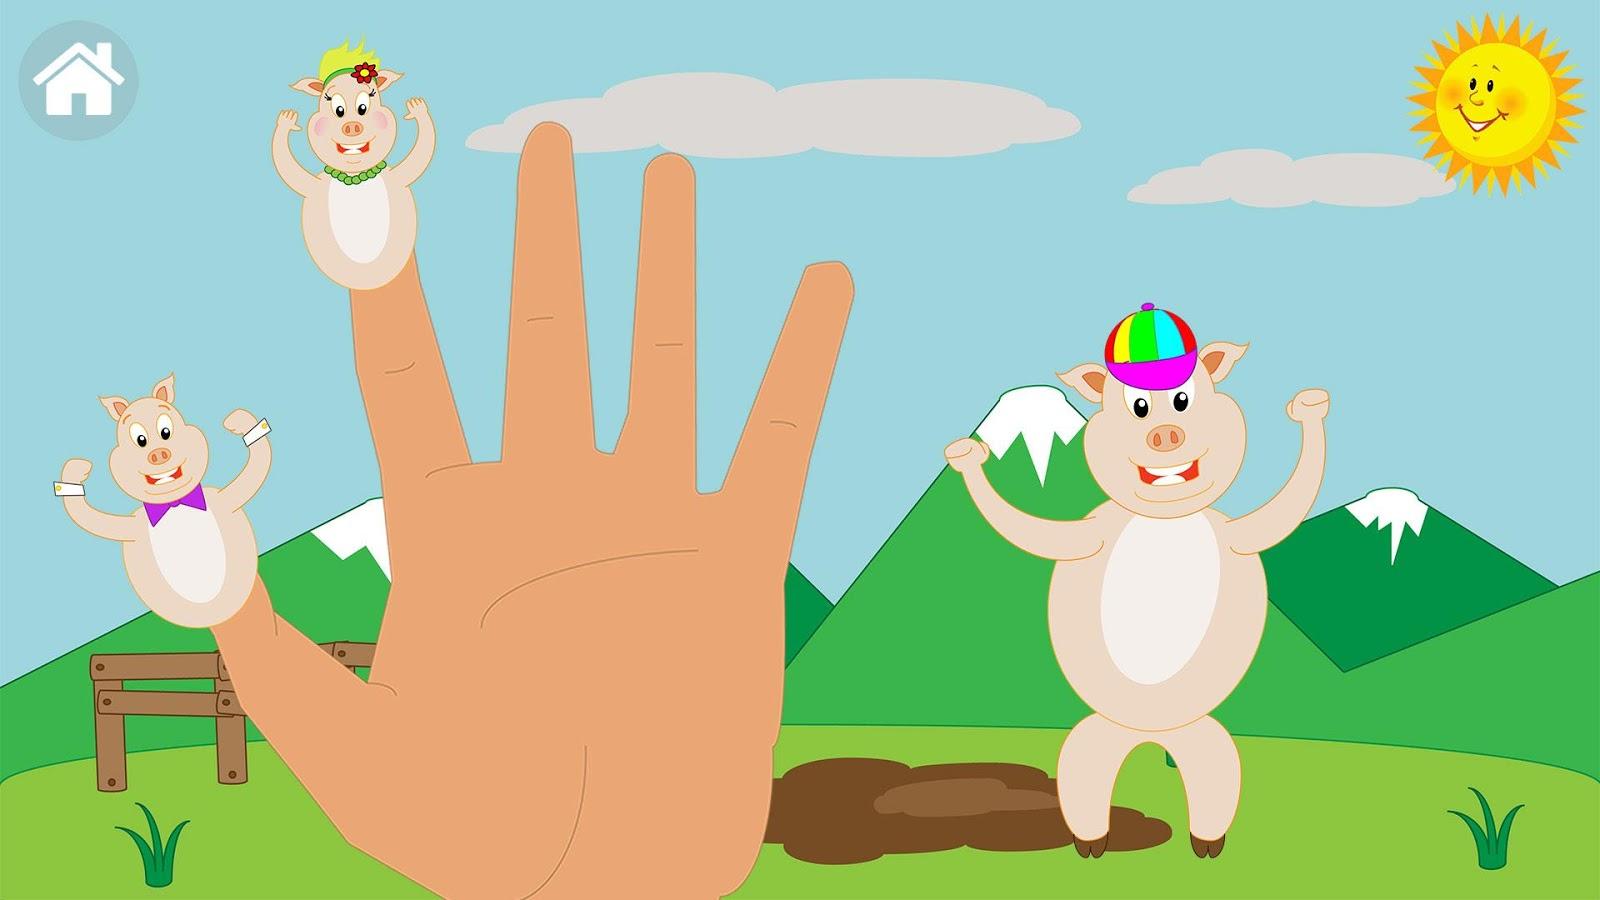 Finger Family Collection 7 Finger Family Songs - Finger family game screenshot